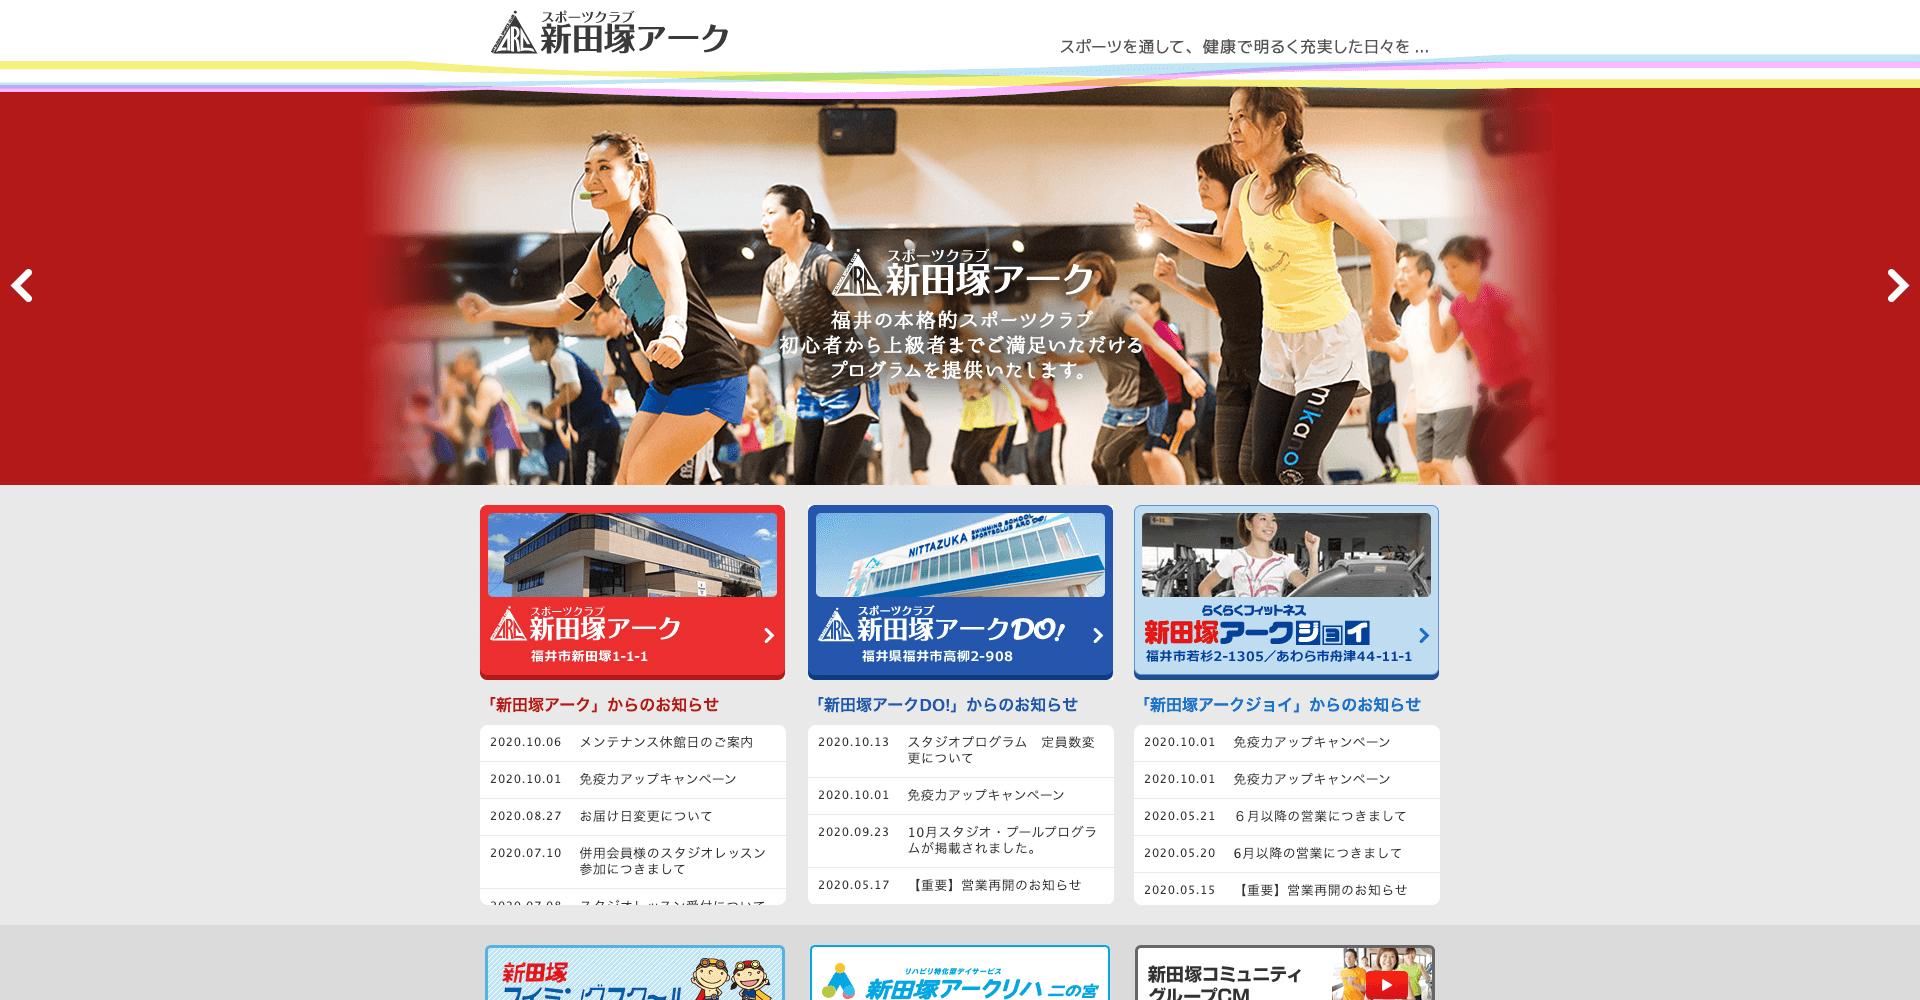 新田塚スポーツクラブアーク